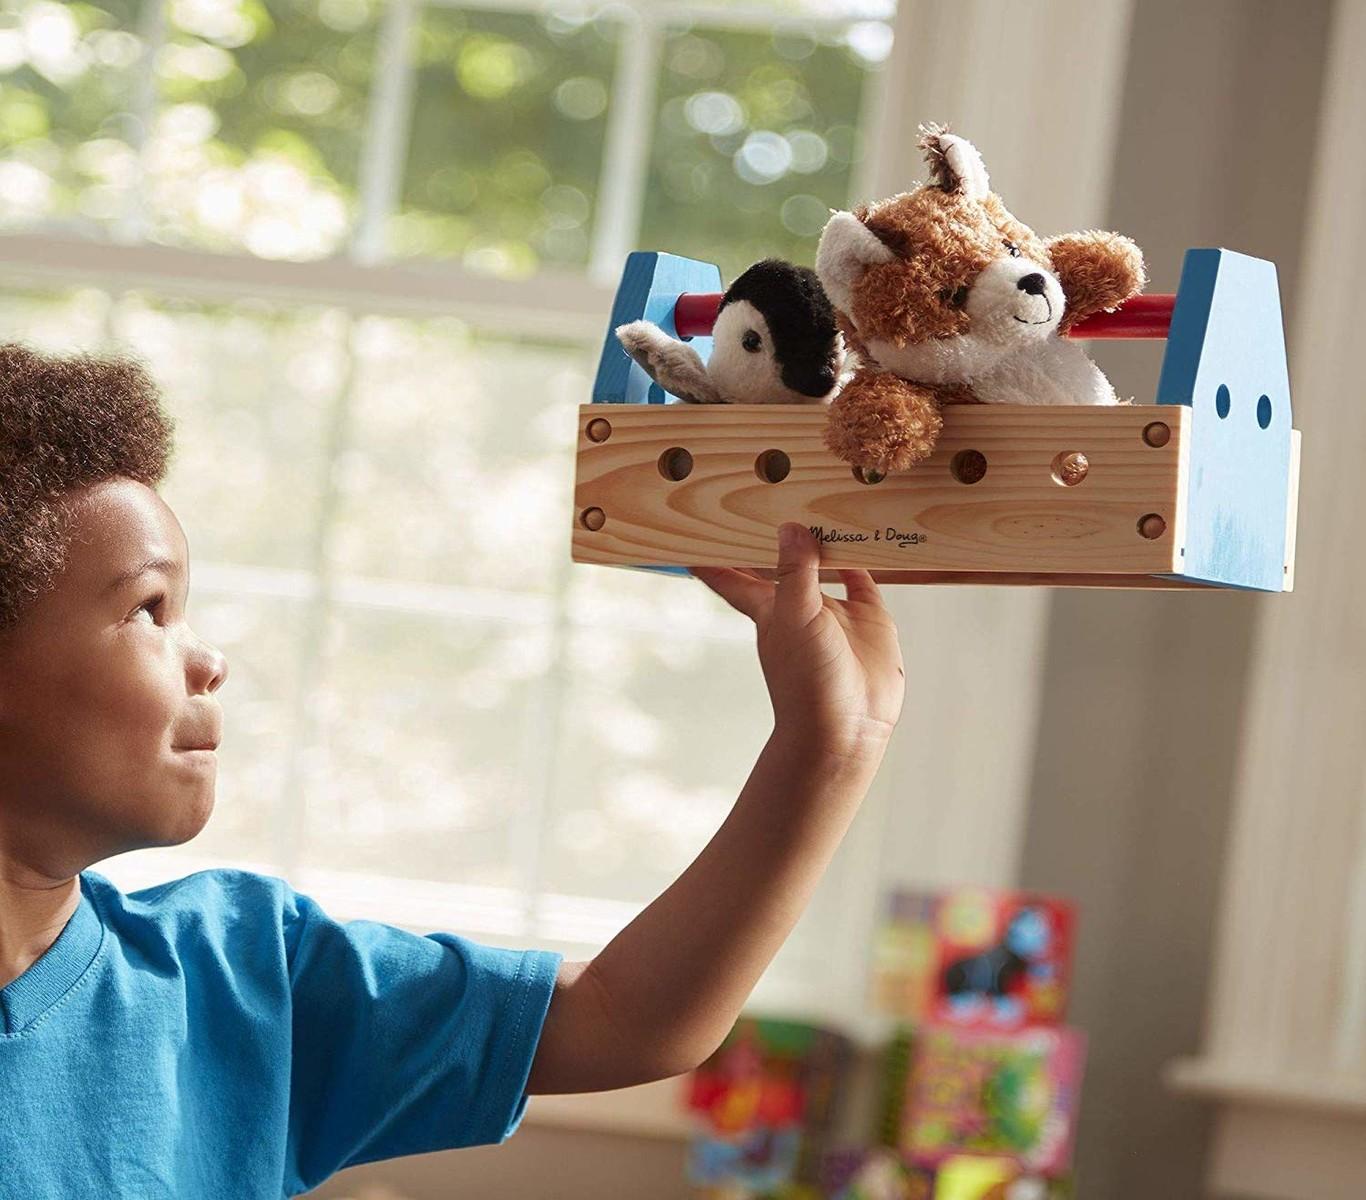 38 Regalos Originales Para Niños De 3 A 6 Años Juguetes Juegos Y Libros